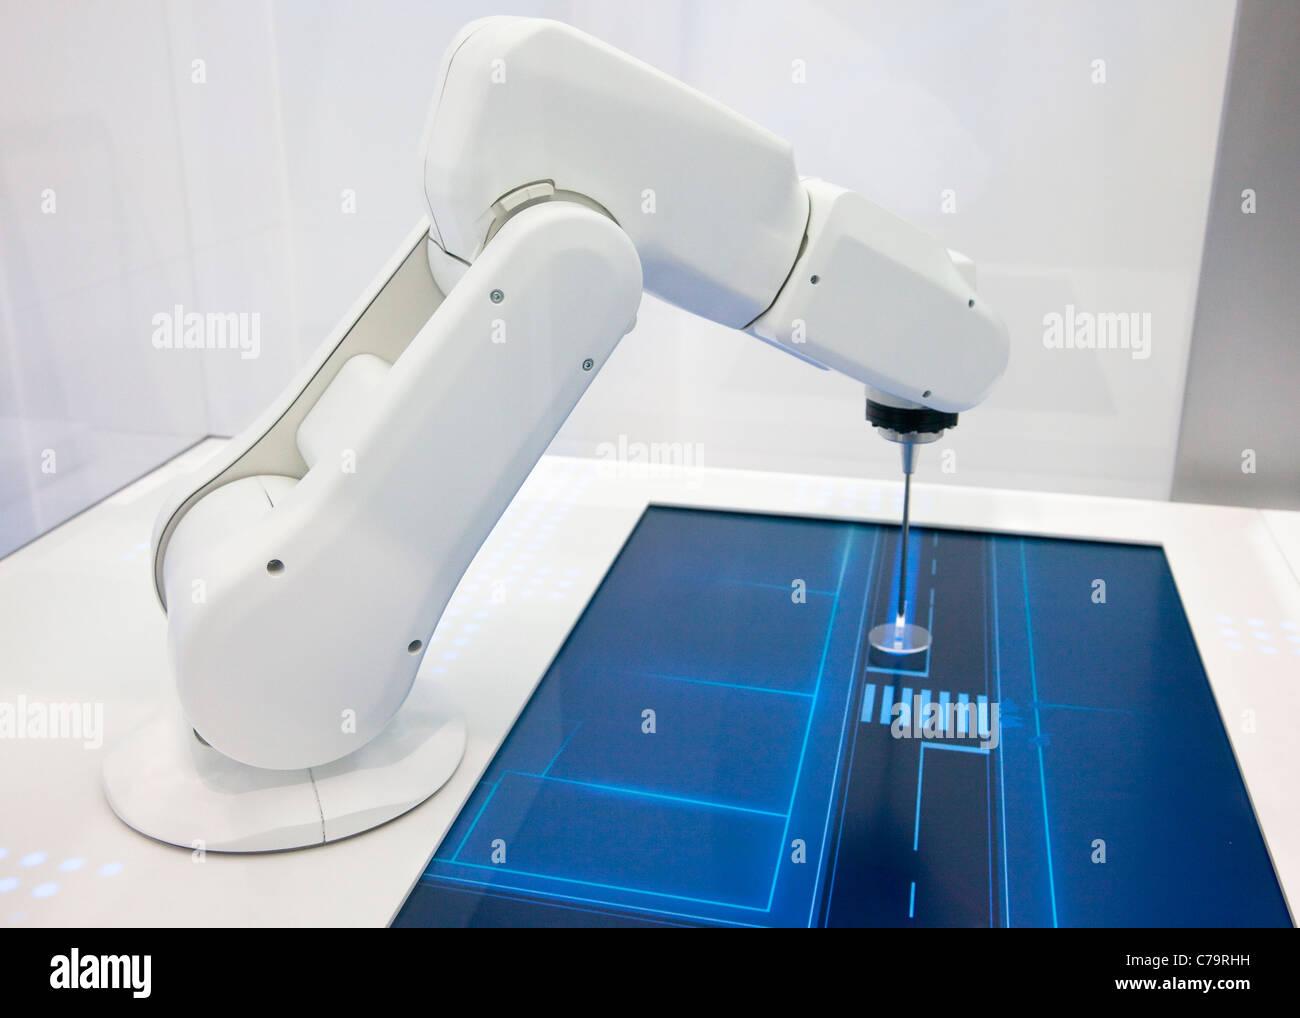 BMW Efficcient presentazione dinamica con robot sulla IAA 2011 International Motor Show di Francoforte am Main, Immagini Stock